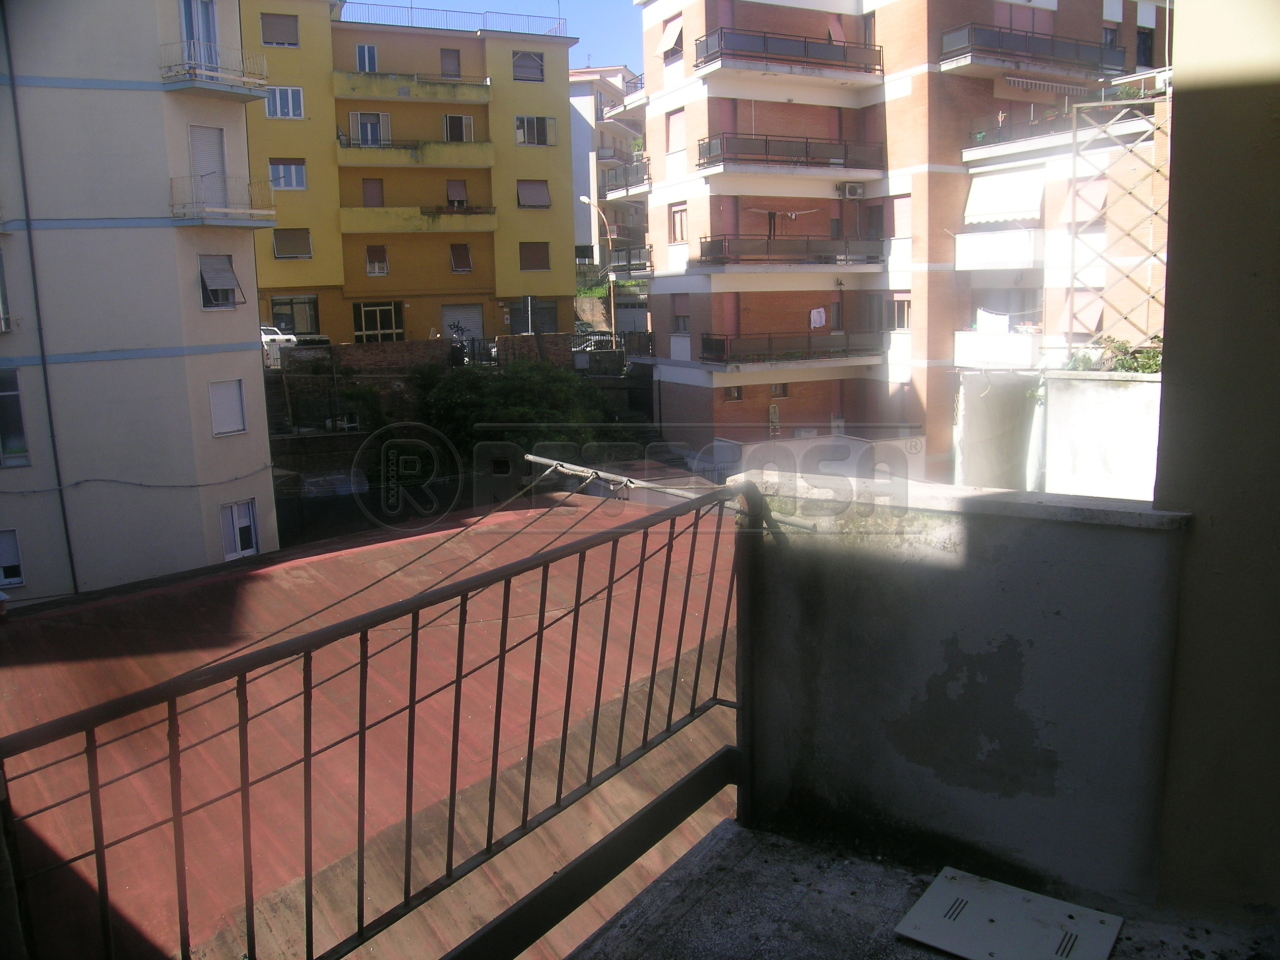 Appartamento 5 locali in affitto a Ancona (AN)-8